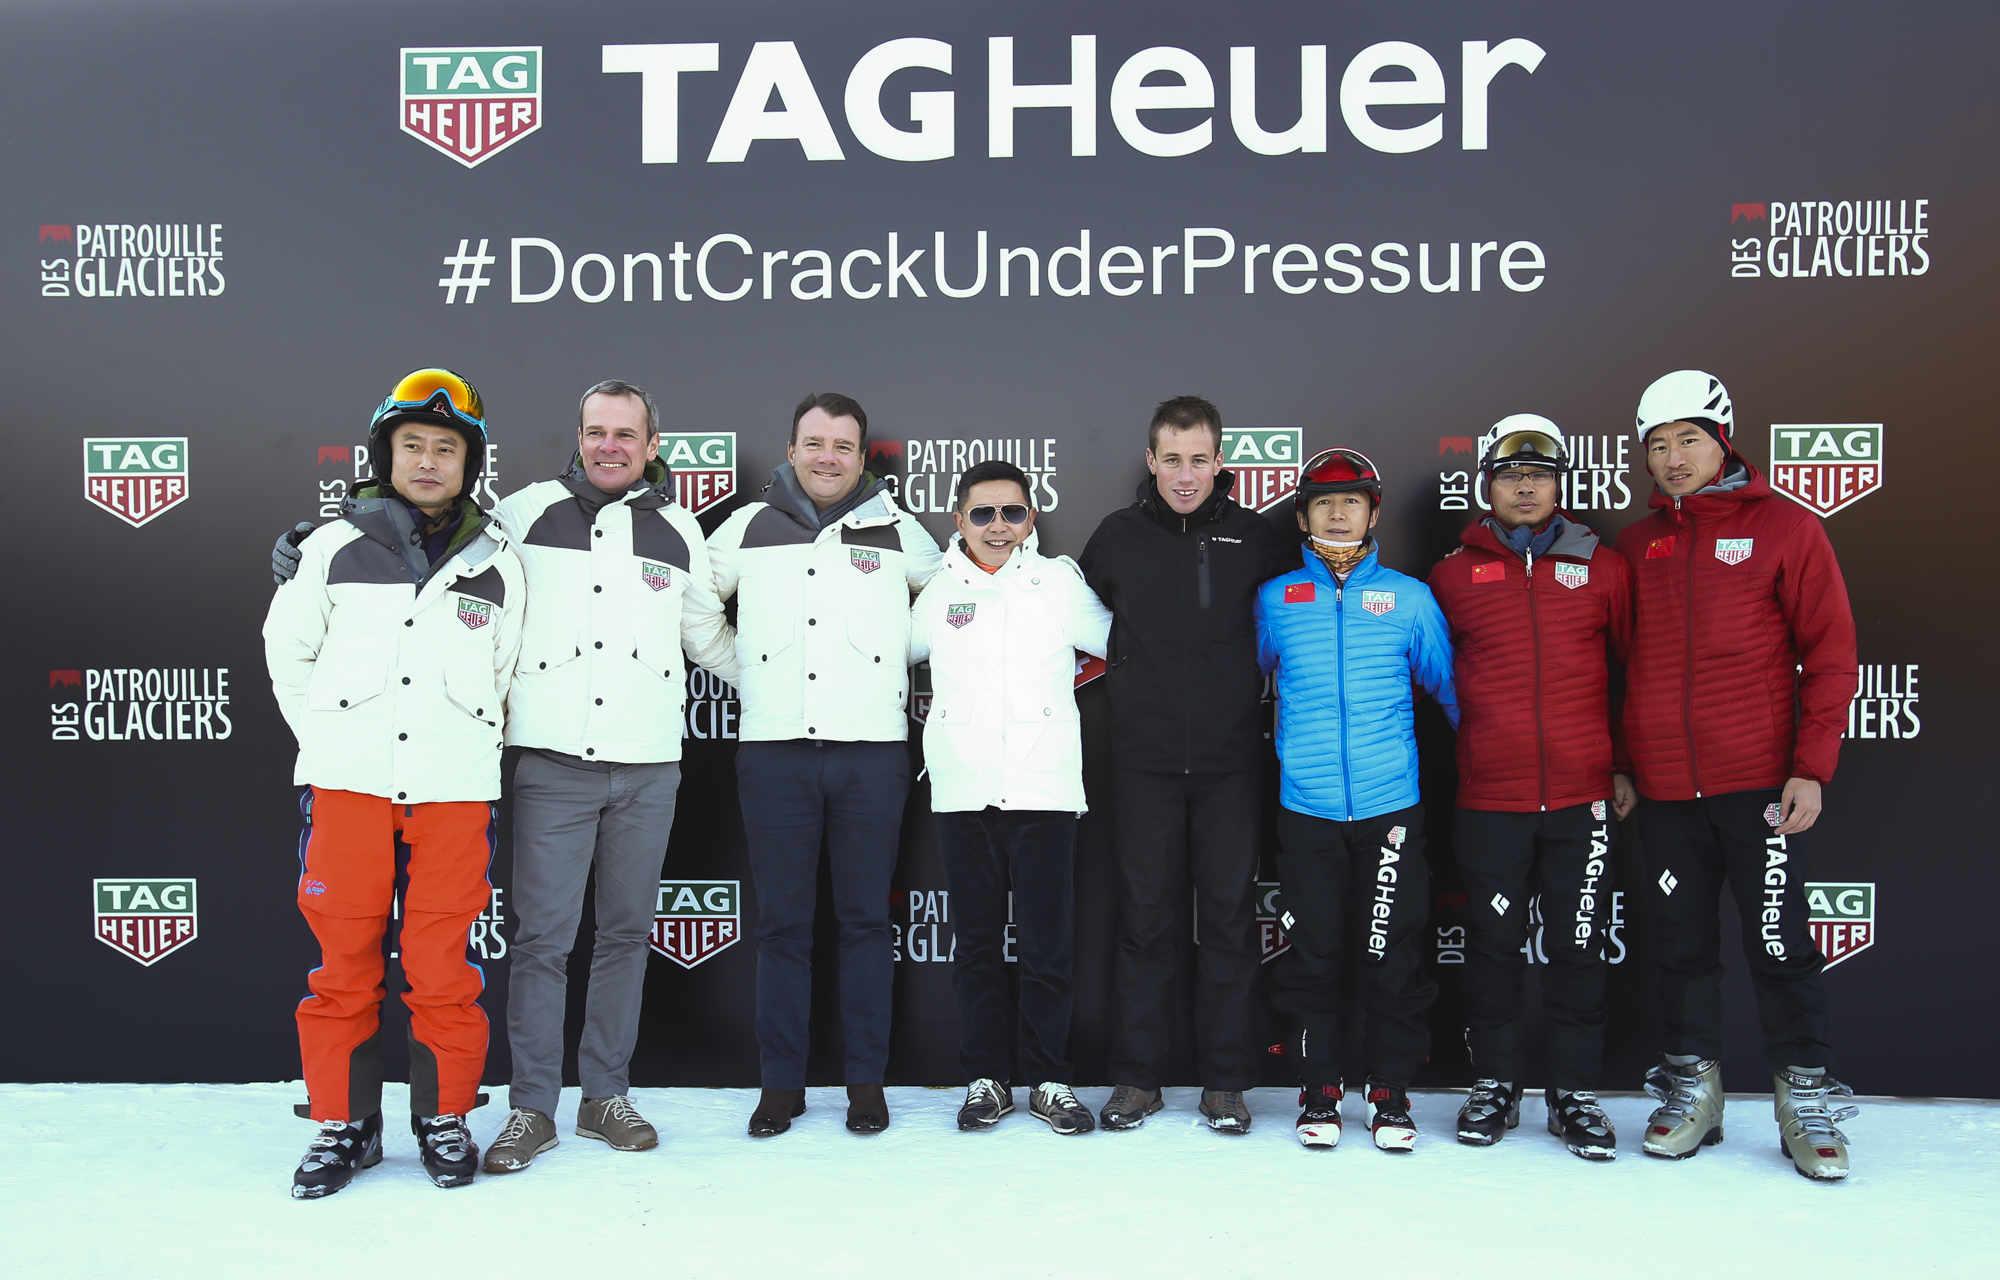 【新珠宝】泰格豪雅正式成为瑞士冰川巡逻滑雪登山赛官方计时